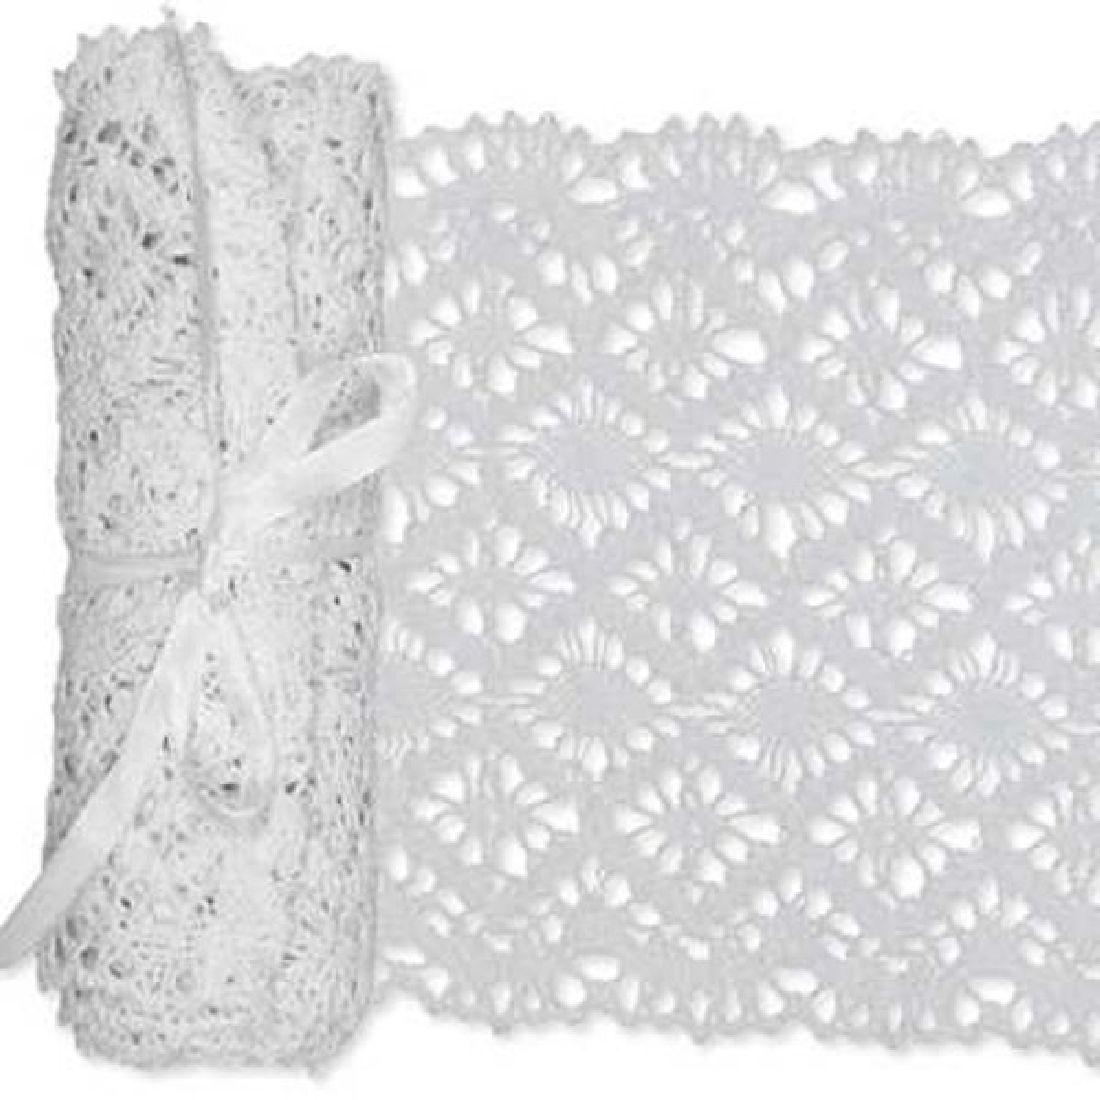 Häkelspitze Tischläufer WEISS 43801 11 B:15cm L:180cm Baumwolle